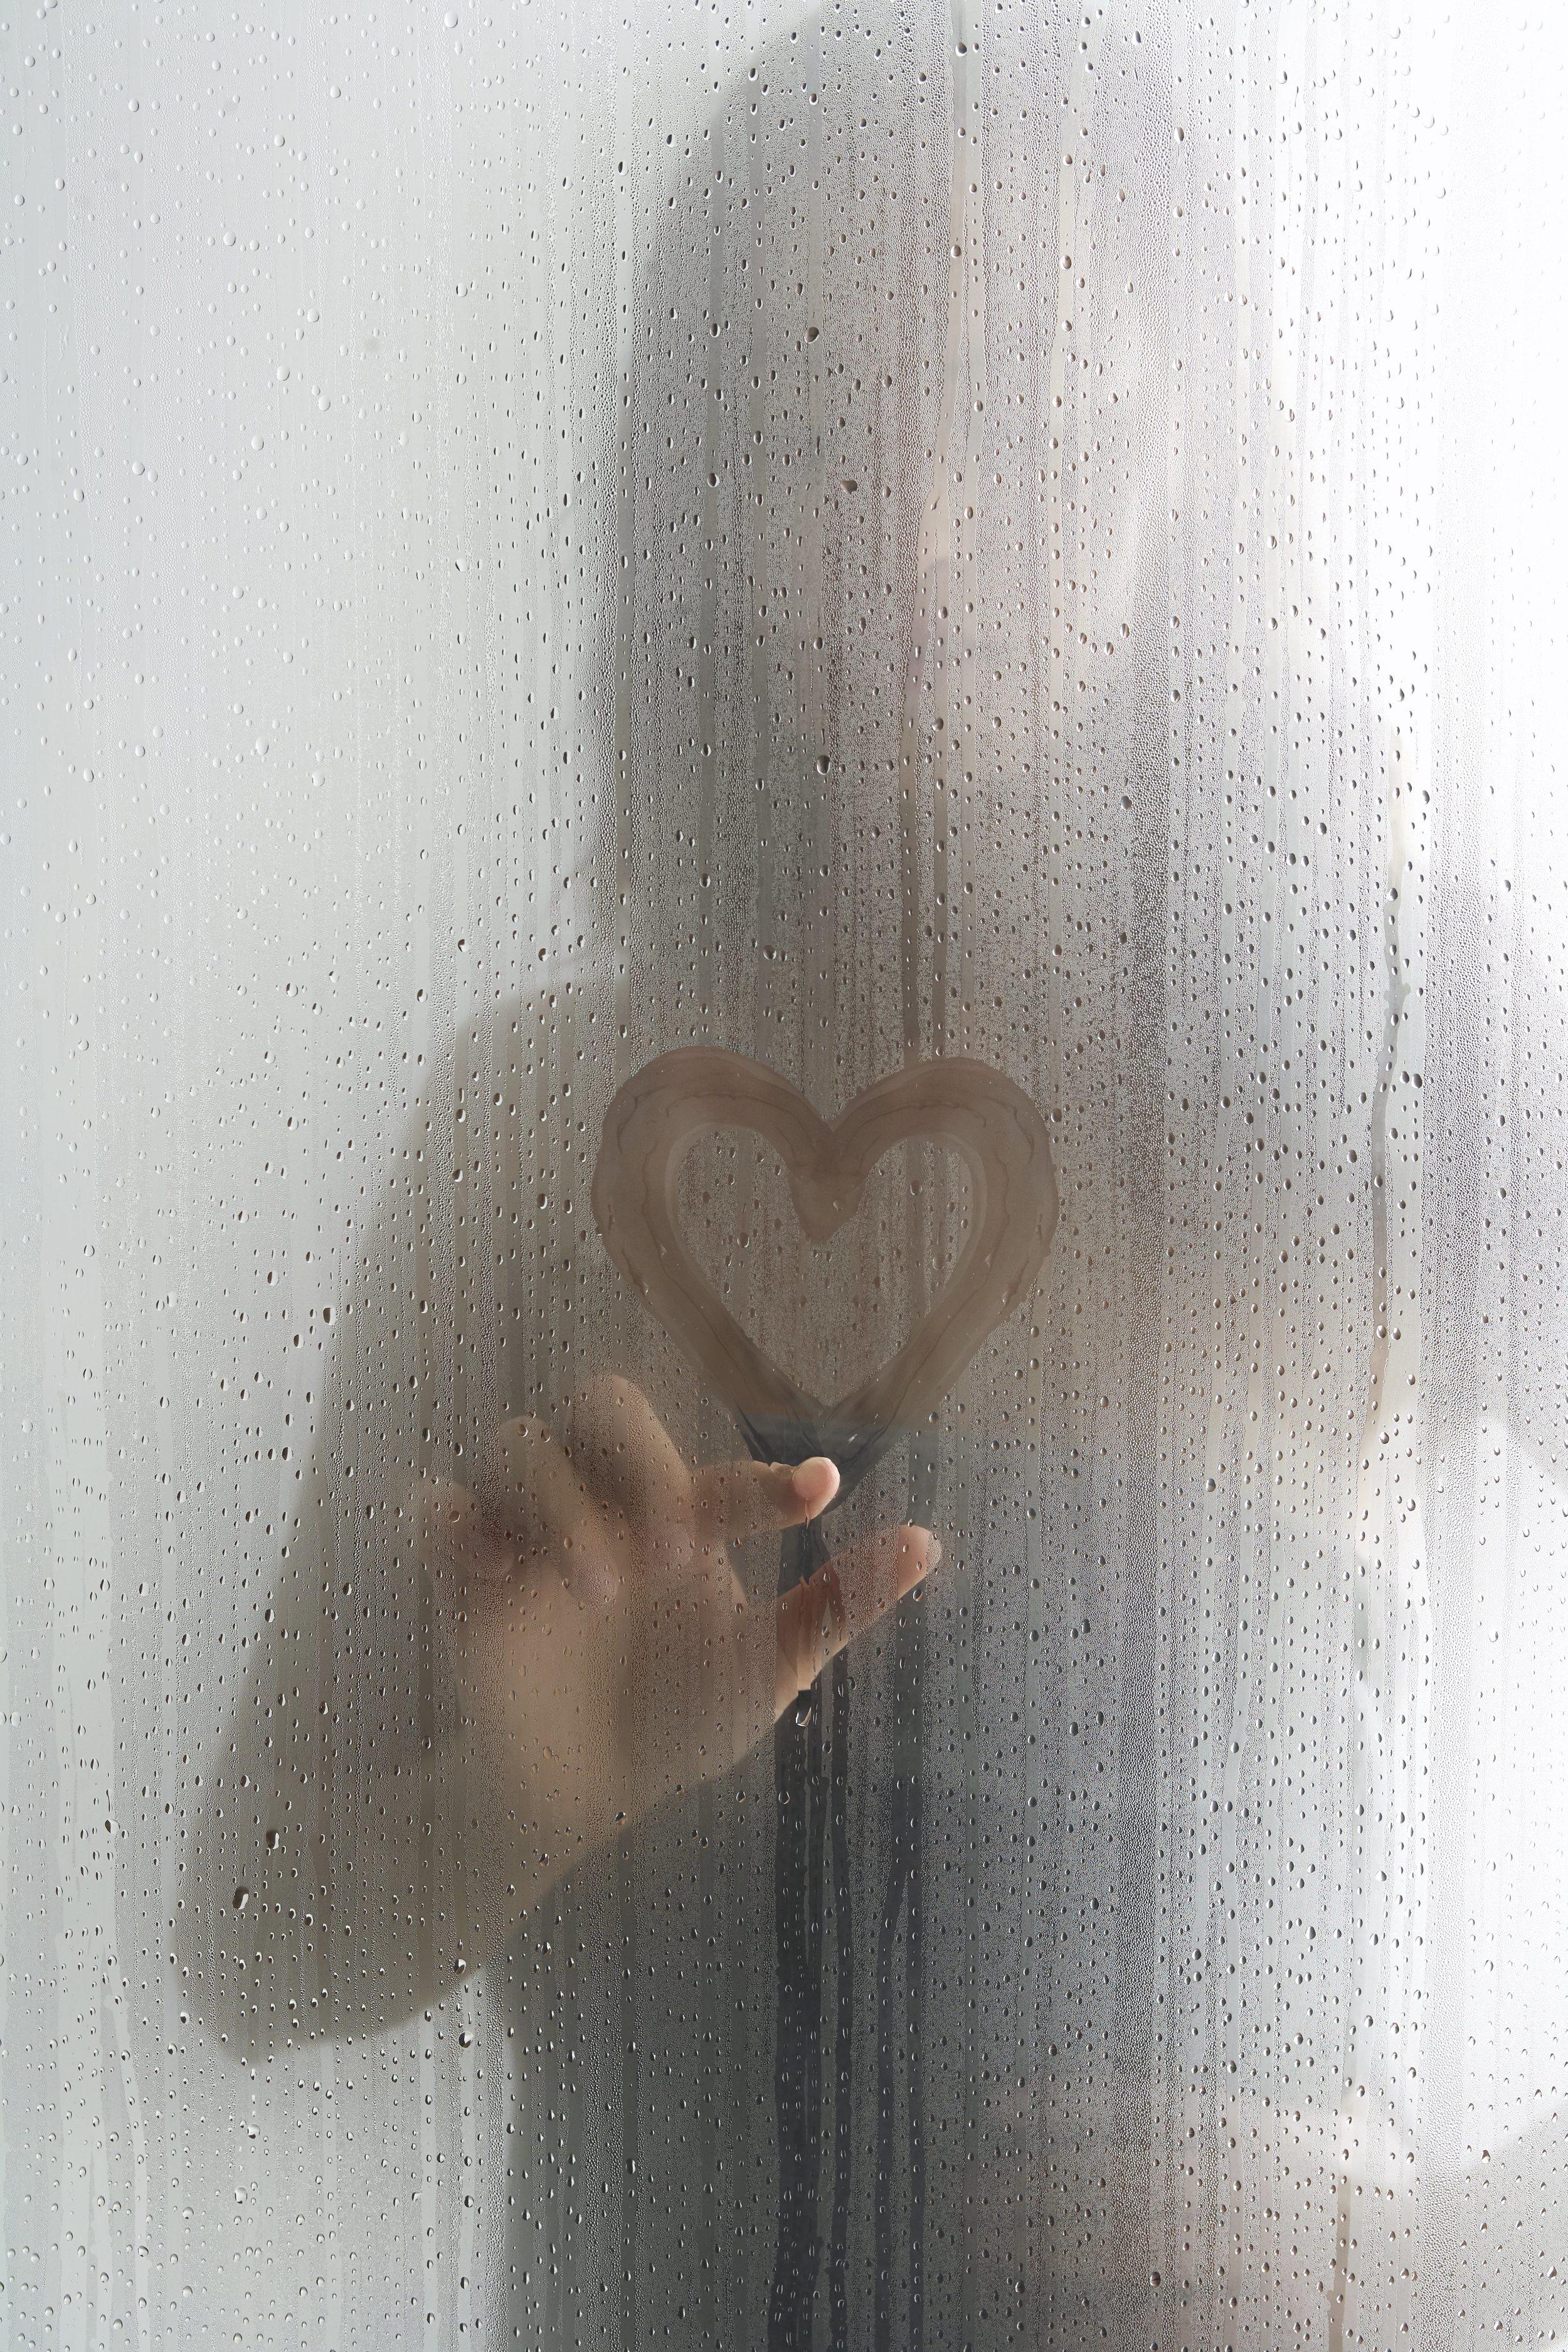 heart in steam 1.jpg